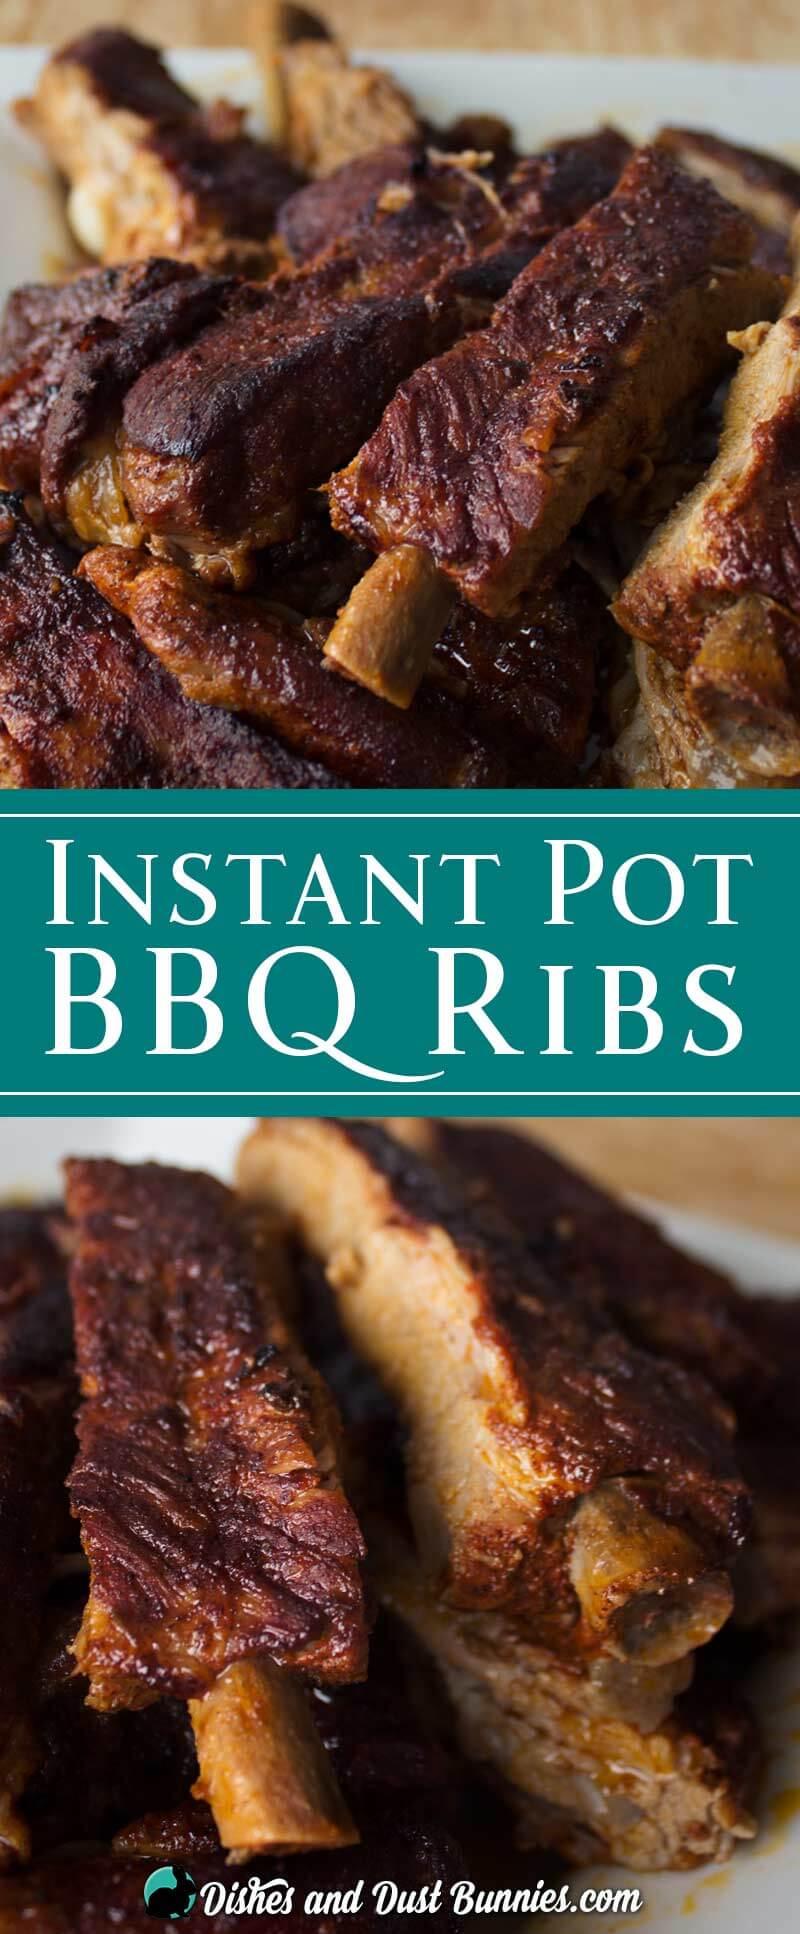 Instant Pot BBQ Ribs from dishesanddustbunnies.com